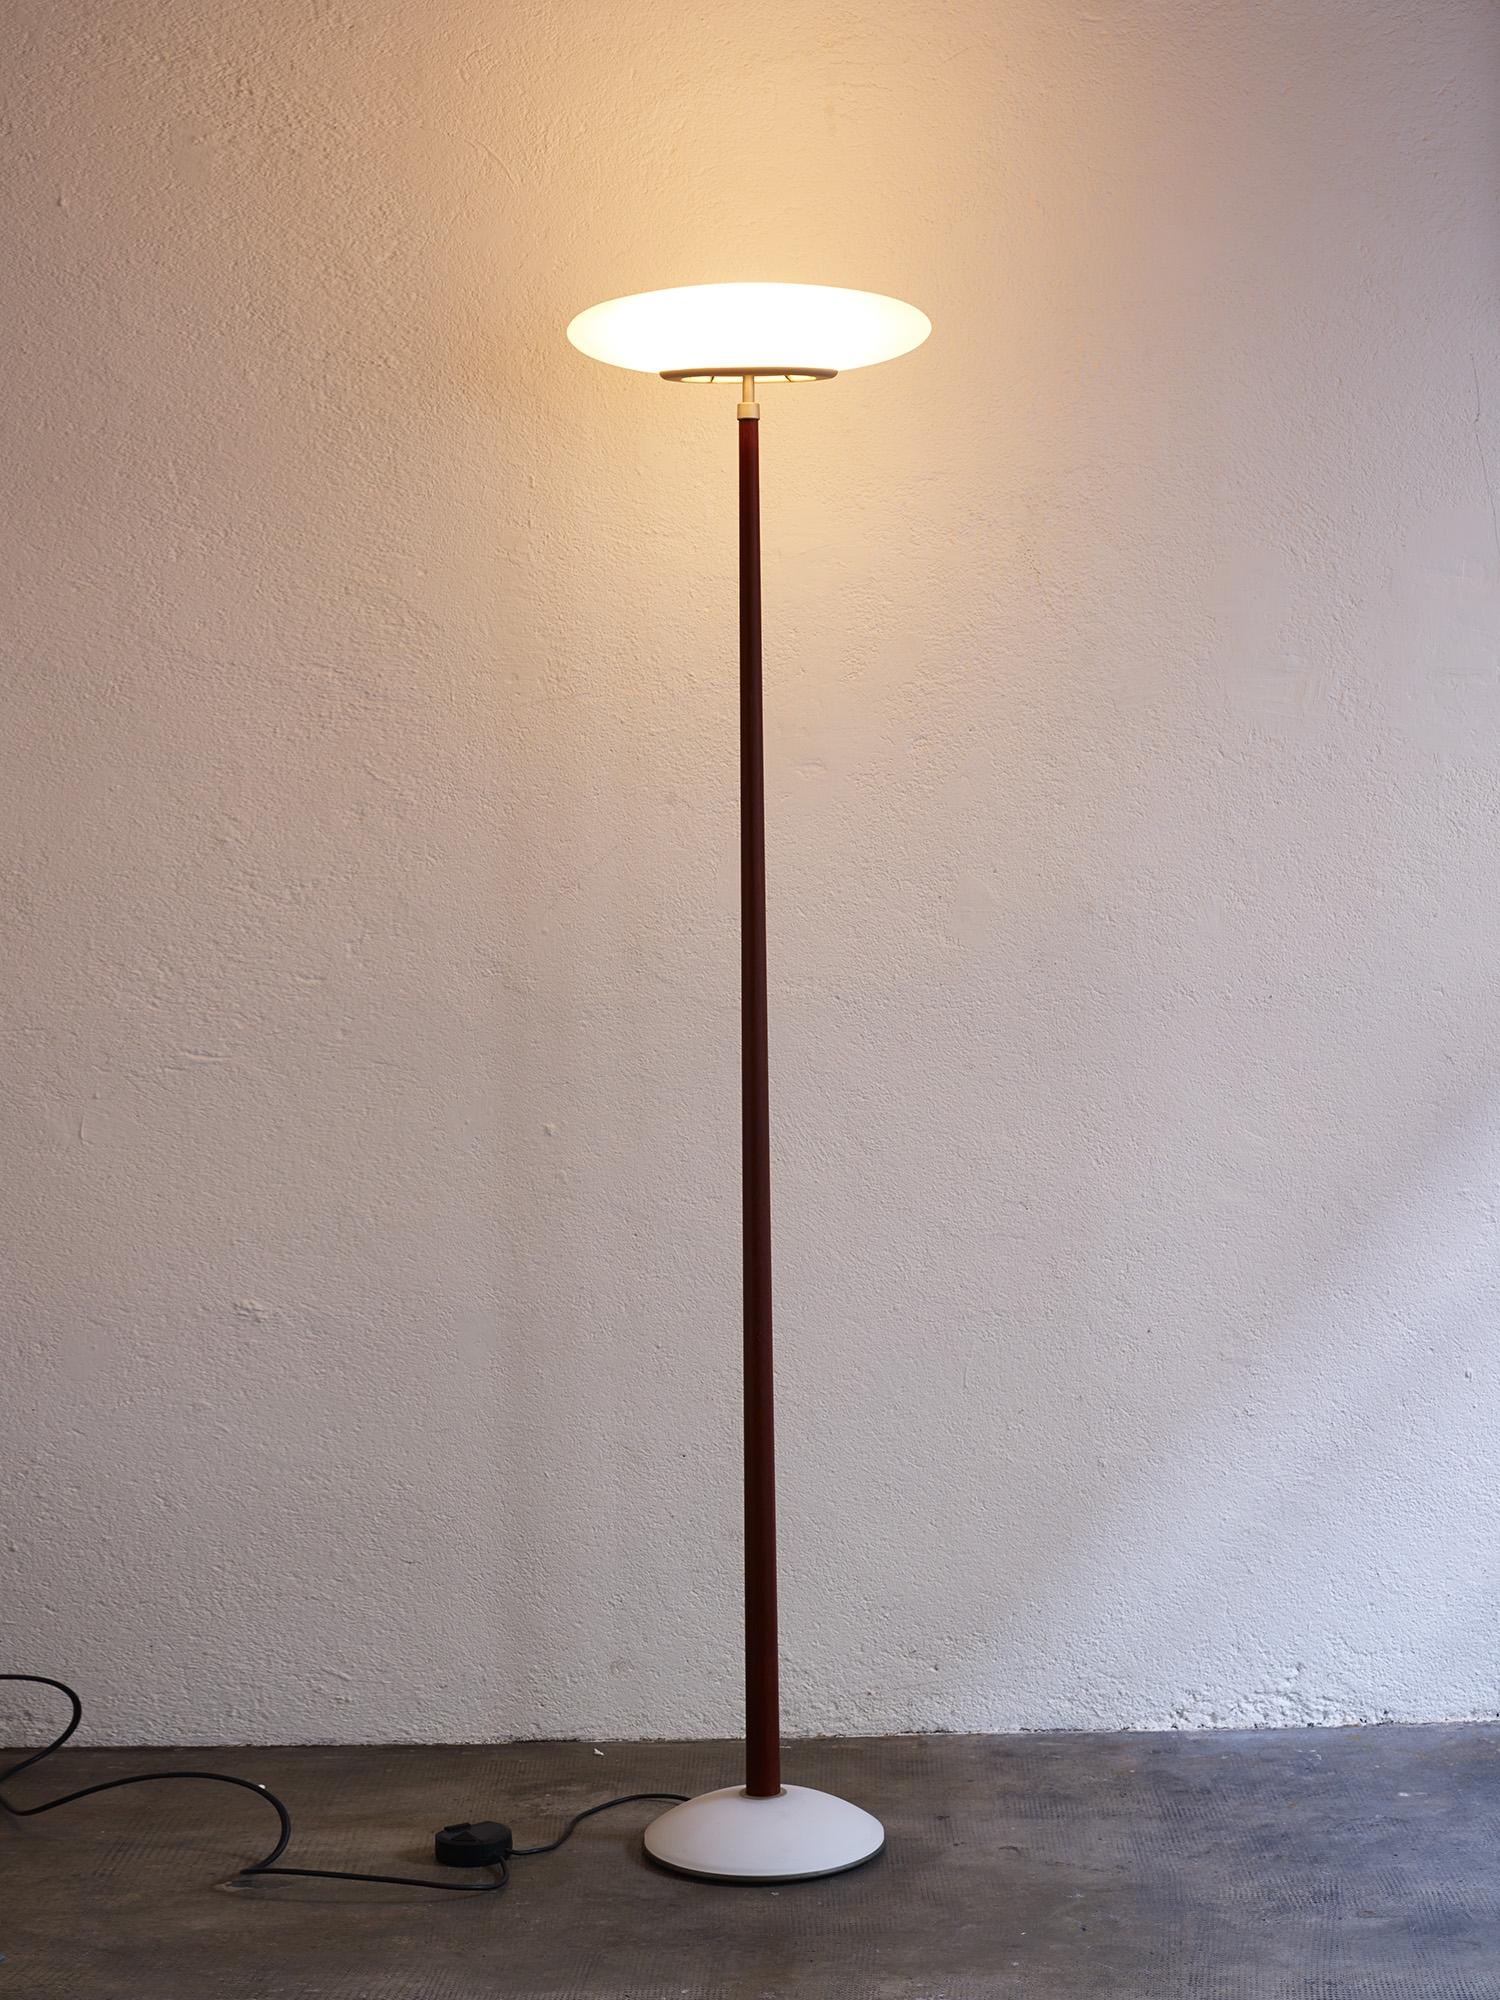 pao-floor-light-by-matteo-thun-for-arteluce-image-01